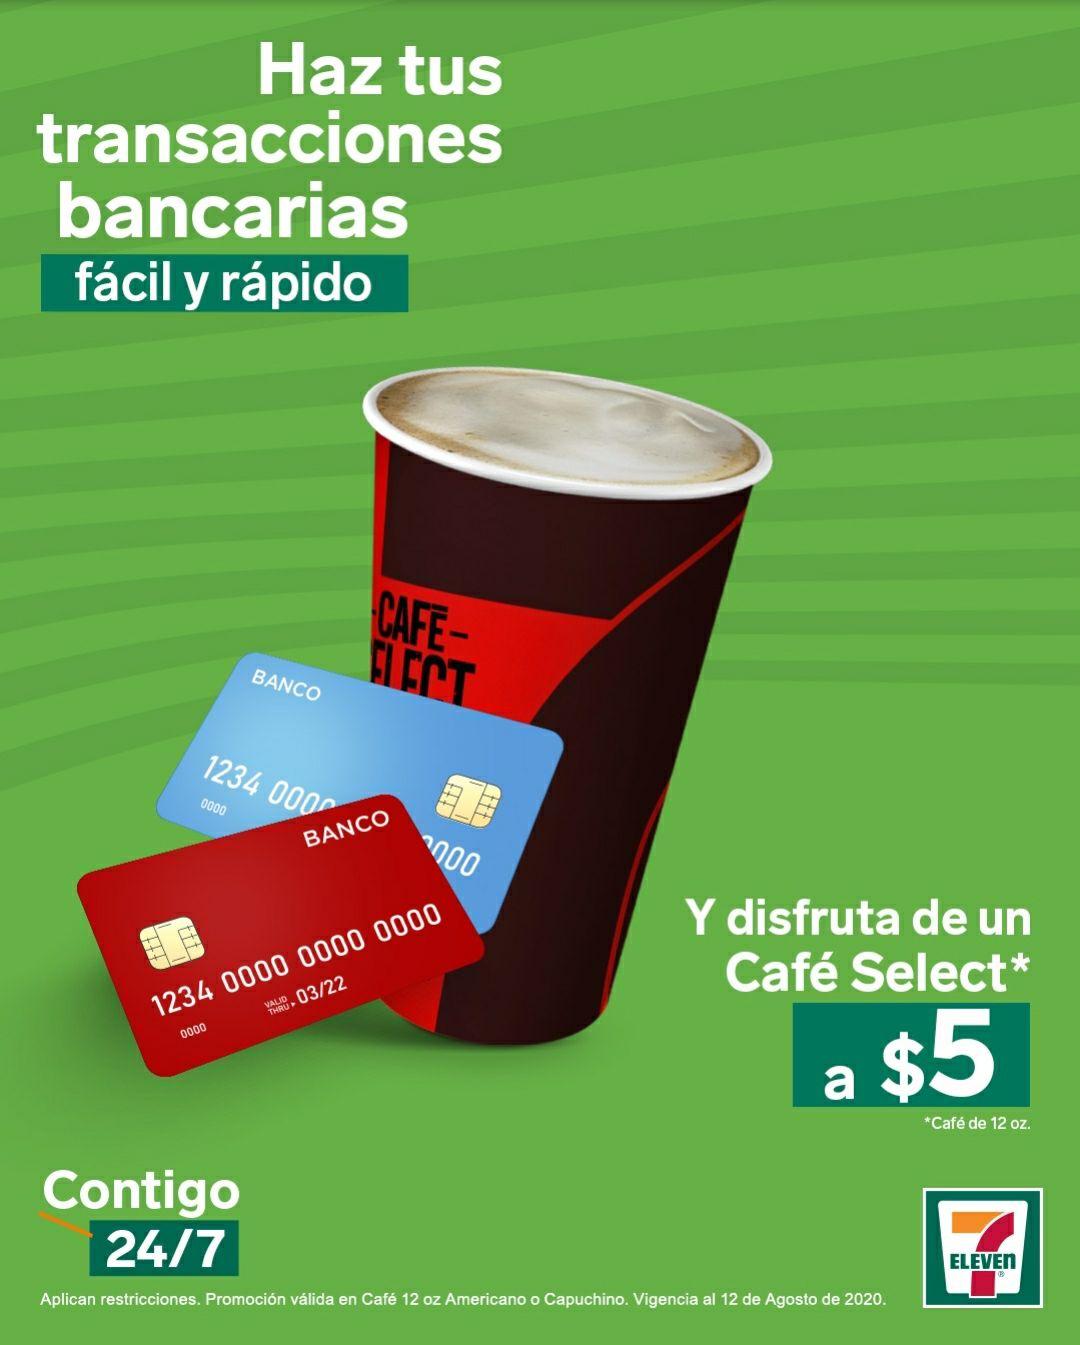 7 Eleven: Realiza un Depósito bancario o paga tu TC y llévate un Café Capuchino o Americano por $5 pesos.